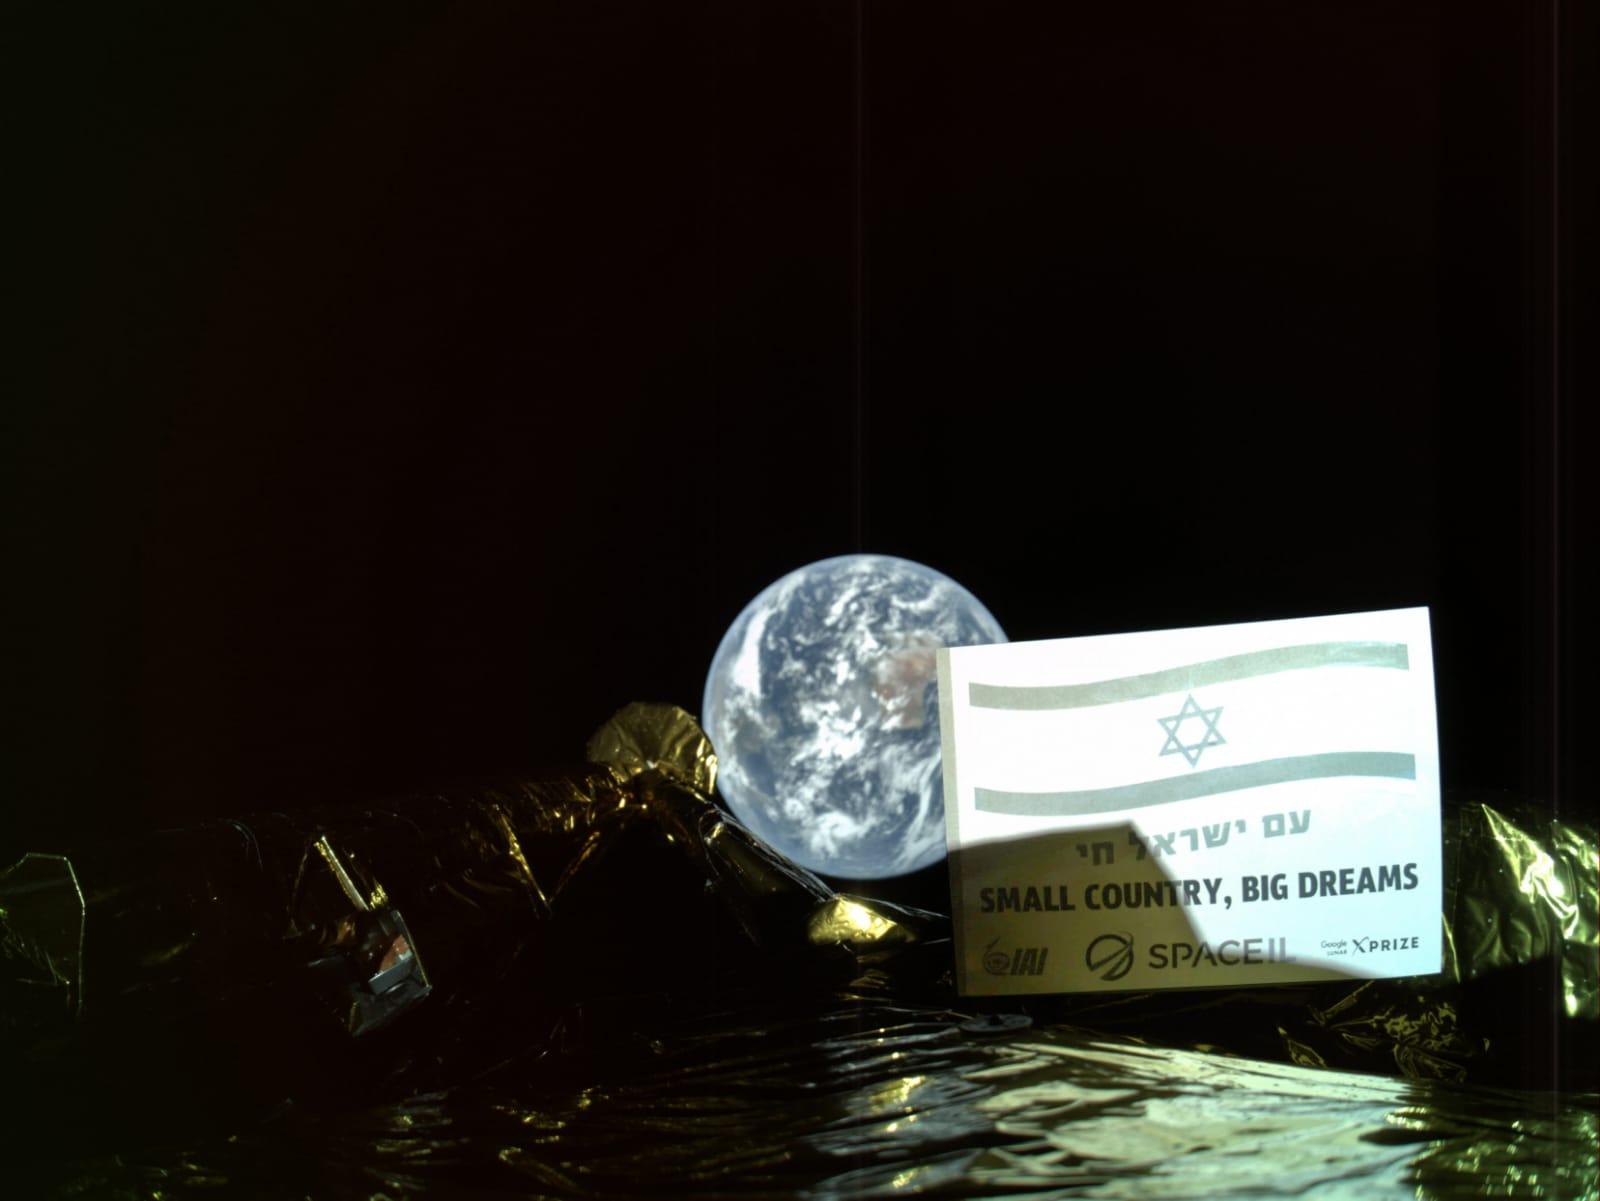 Лунная миссия «Берешит» – селфи на фоне Земли - 5